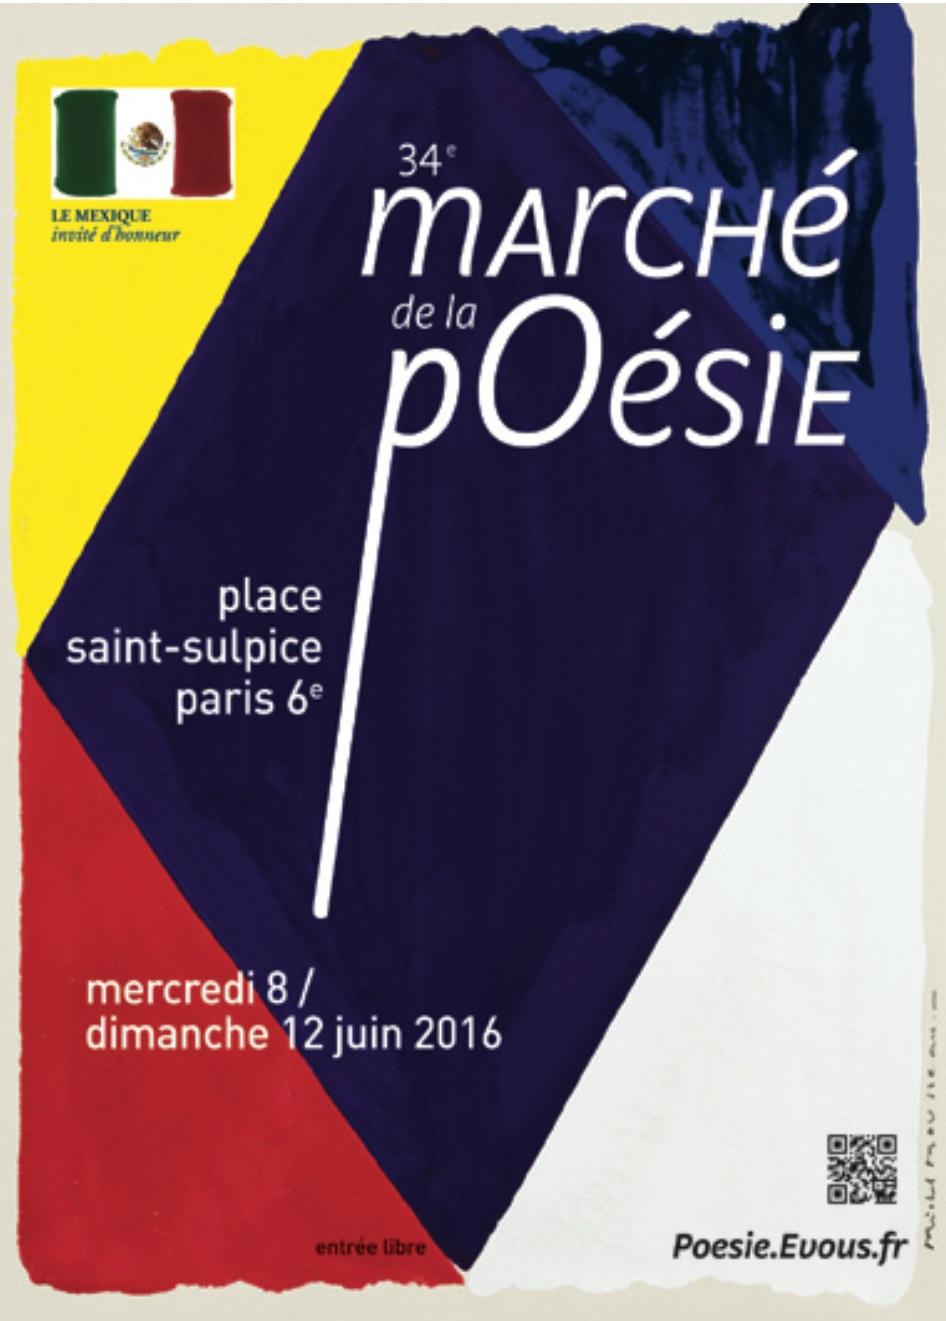 ÉDITIONS LE CADRAN LIGNÉ au Marché de la poésie, Samedi 11 juin et Dimanche 12 juin 2016